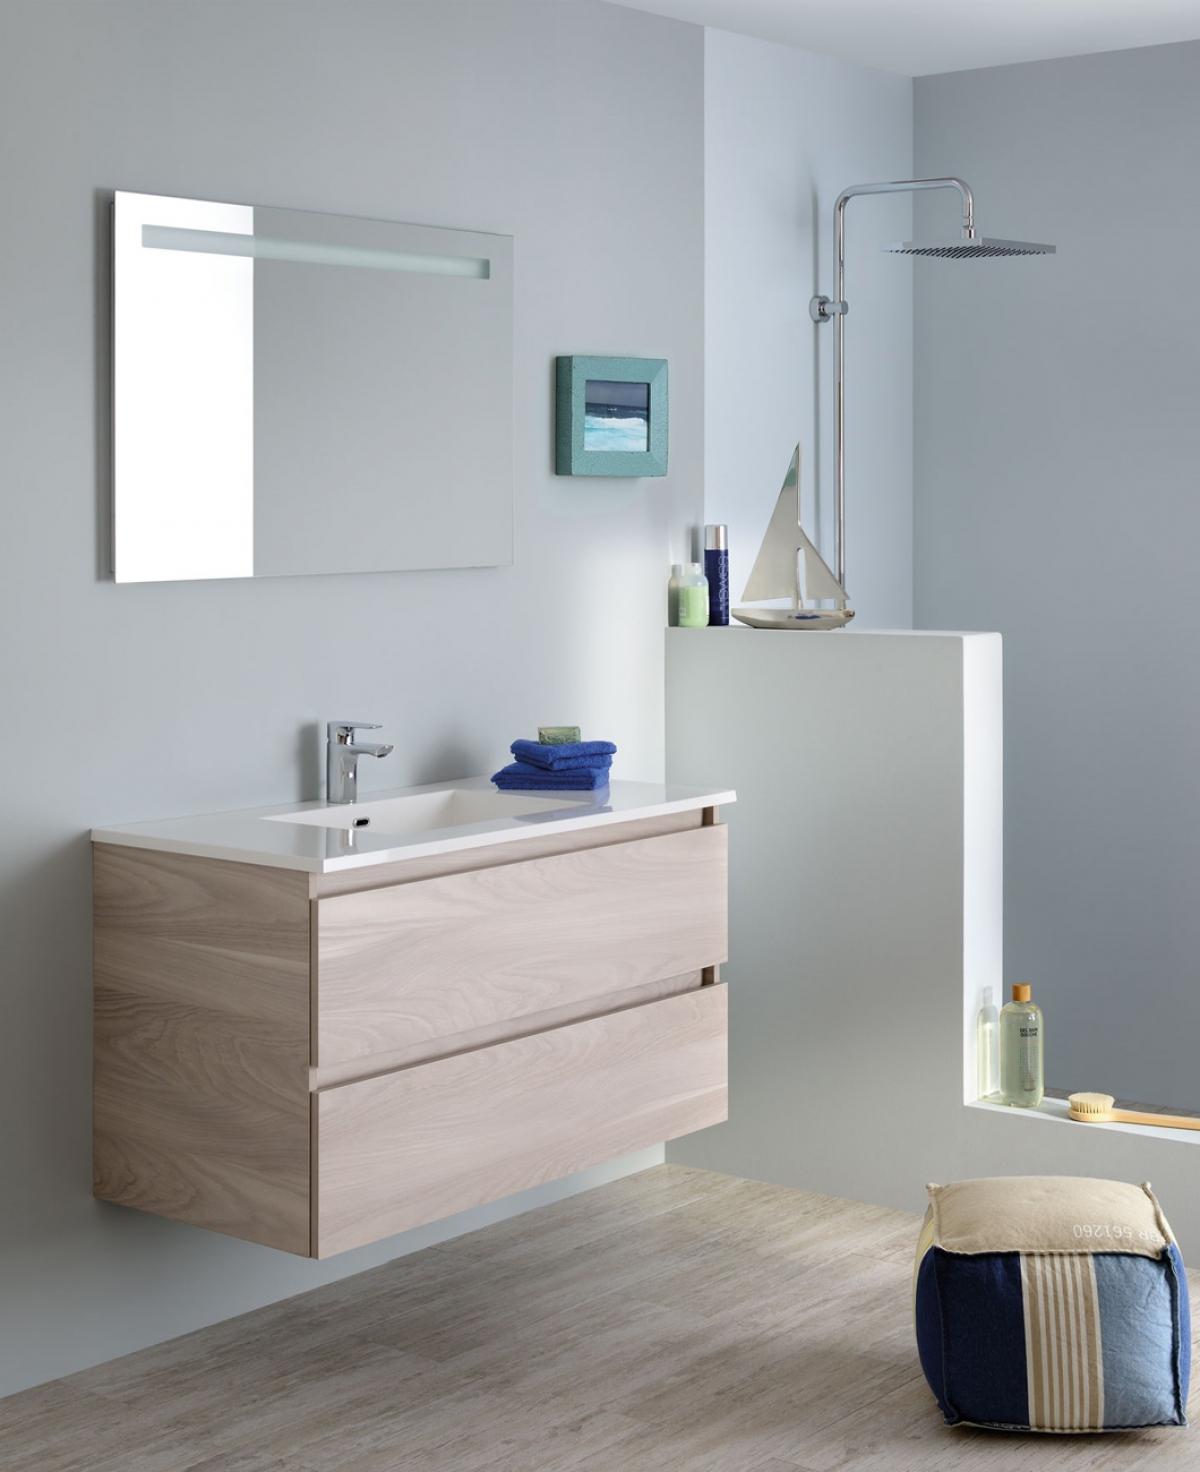 Meuble Salle De Bain Bruxelles ~ sanijura completino affordable meuble with sanijura completino